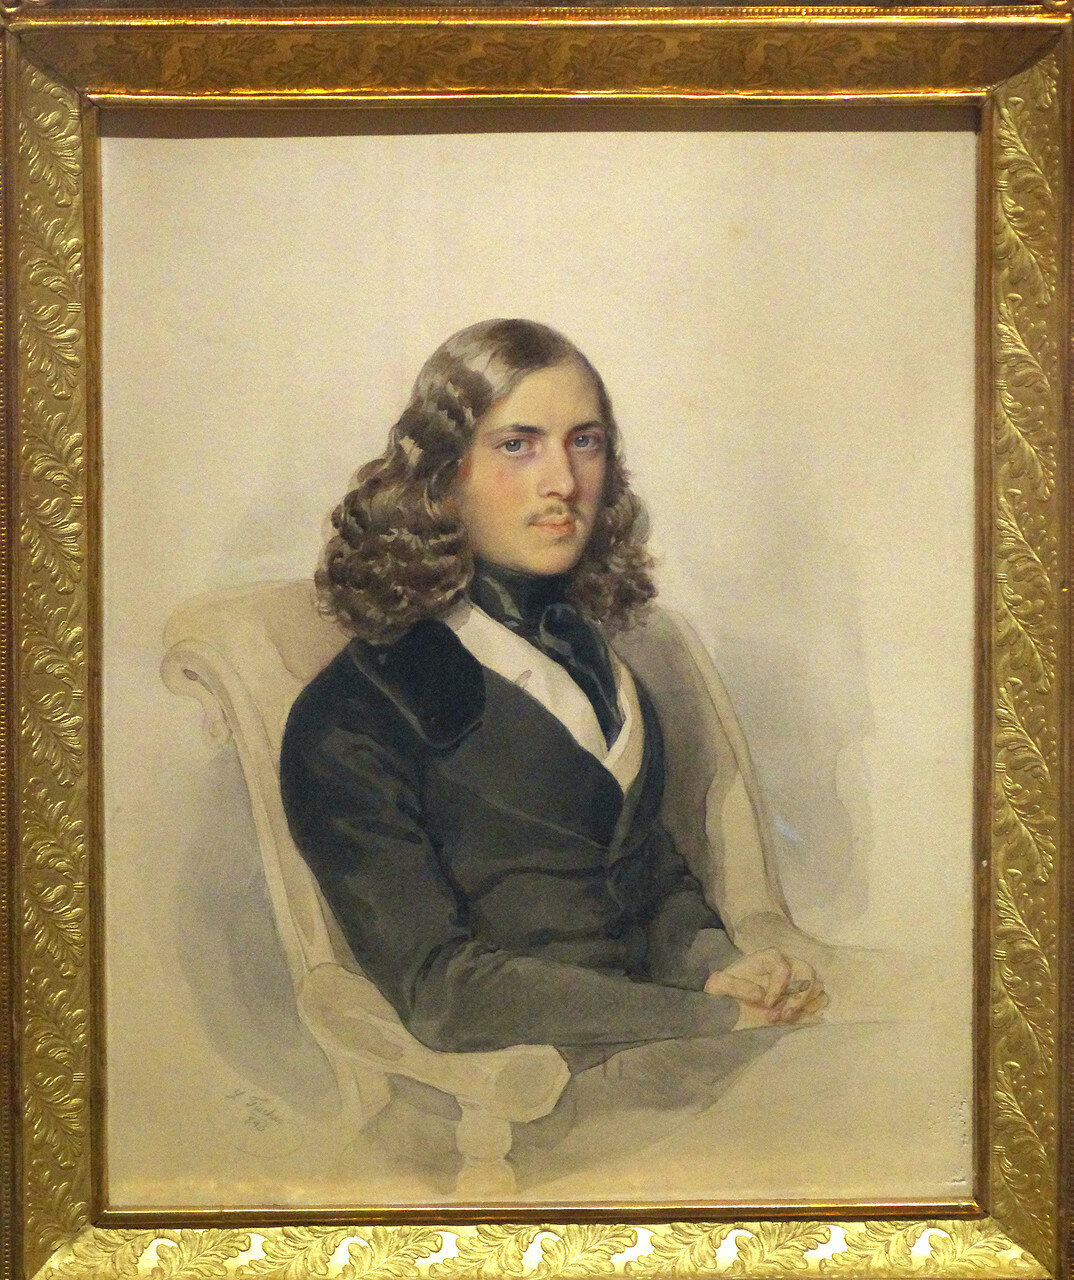 Леопольд Фишер. Портрет Н.А. Спешнева в кресле. 1843. ФРАГМЕНТ